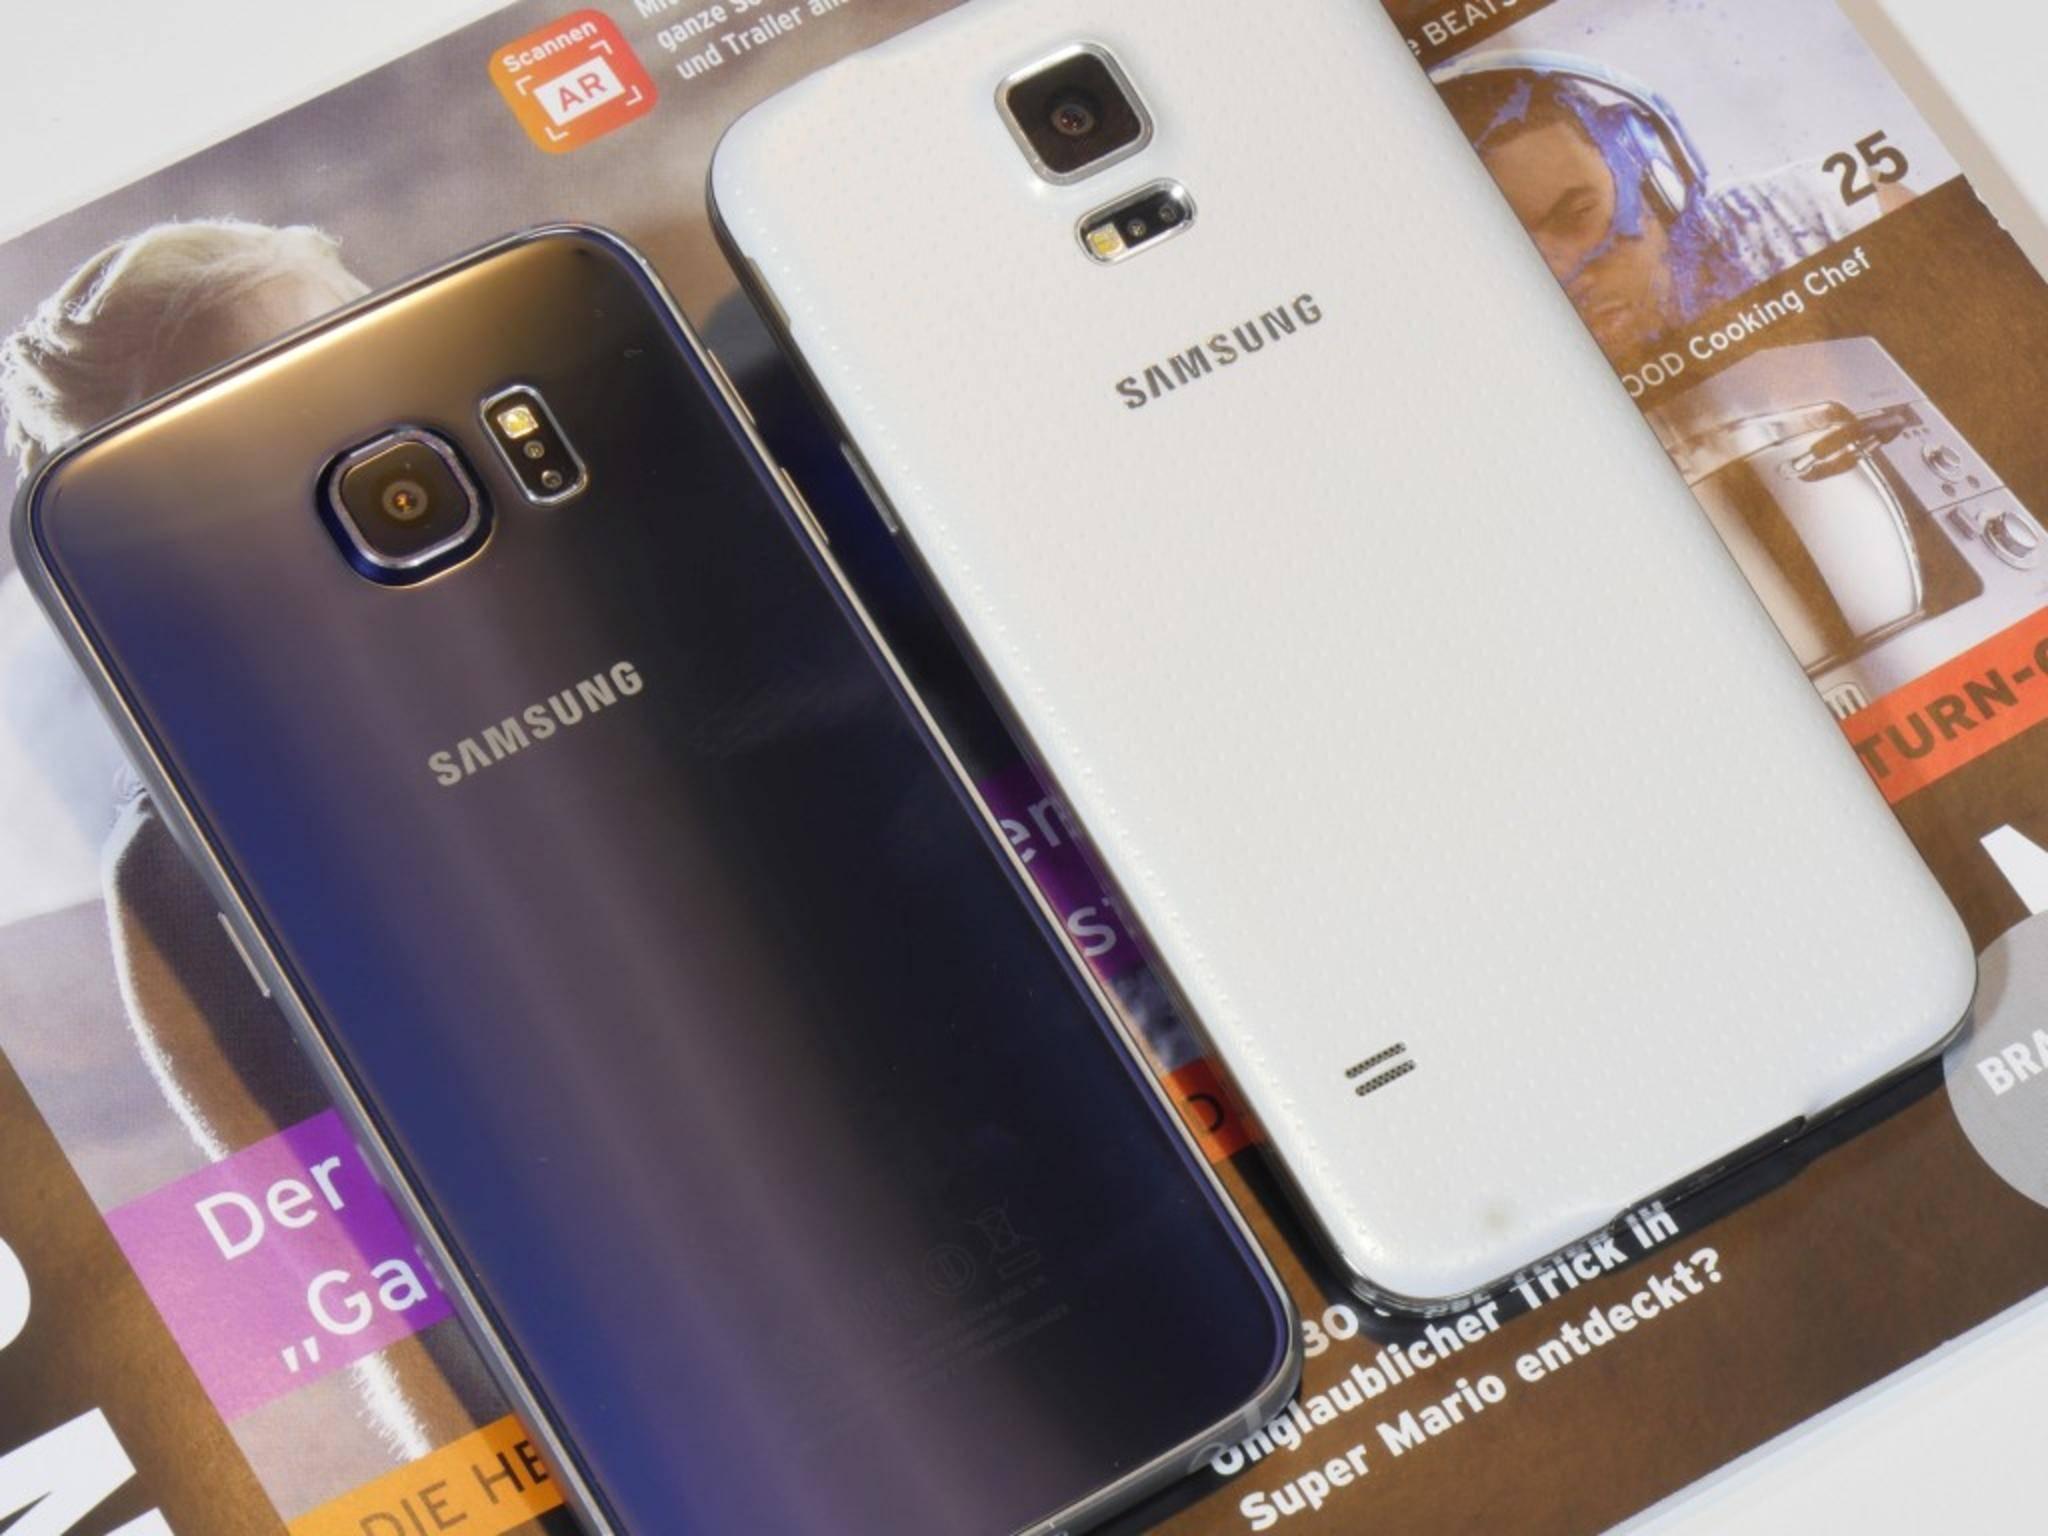 Mit Samsung Smart Switch kann man Daten schnell aufs neue Galaxy übertragen.